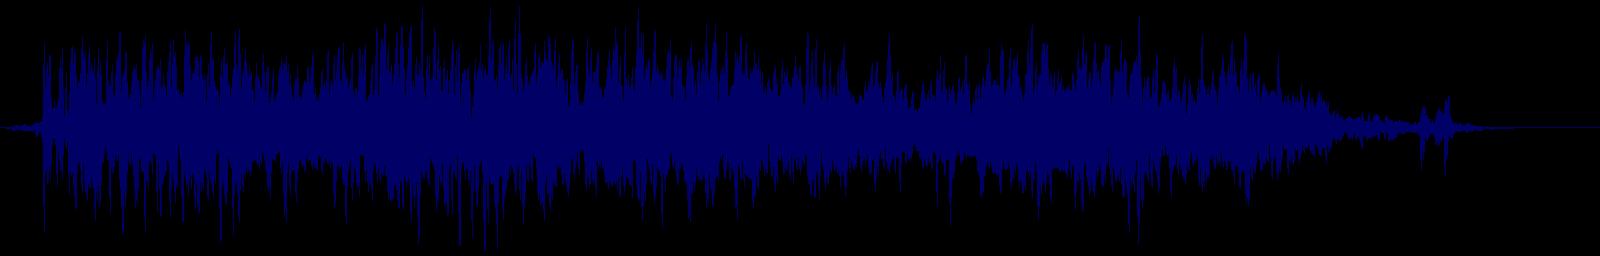 waveform of track #146017